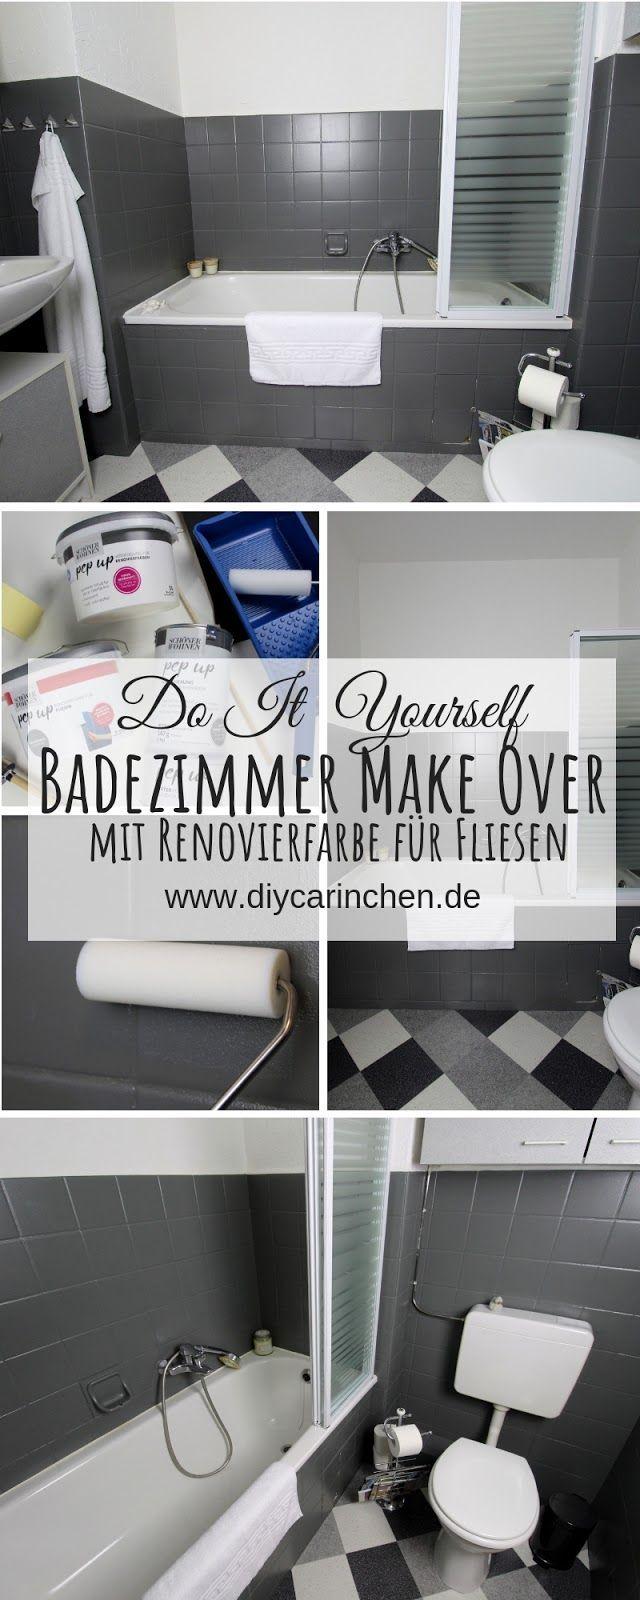 DIY: Badezimmer Make Over – einfaches Recylcing mit der SCHÖNER WOHNEN pep up Renovierfarbe für Fliesen